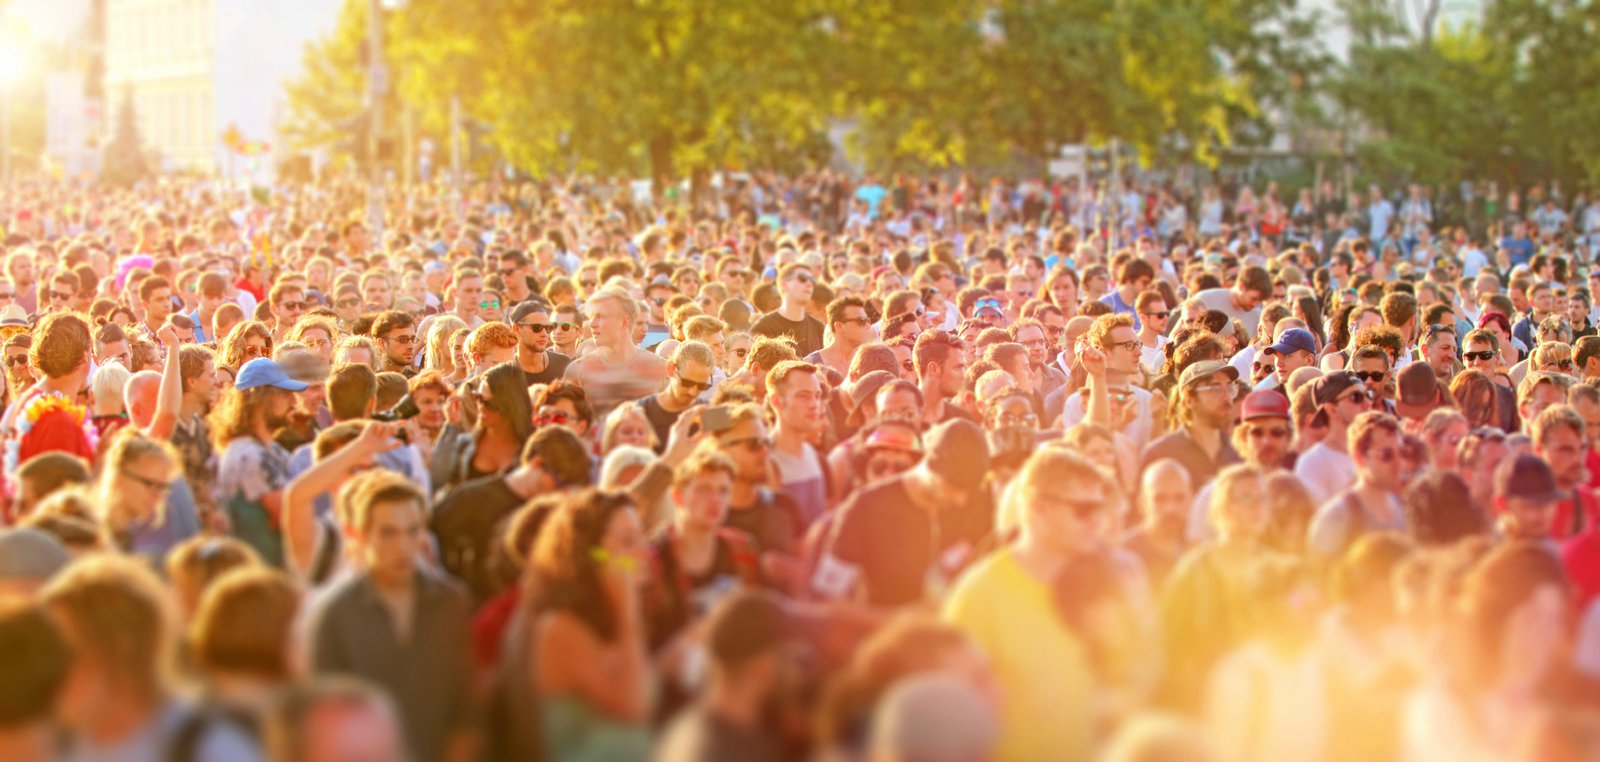 community-of-people.jpg